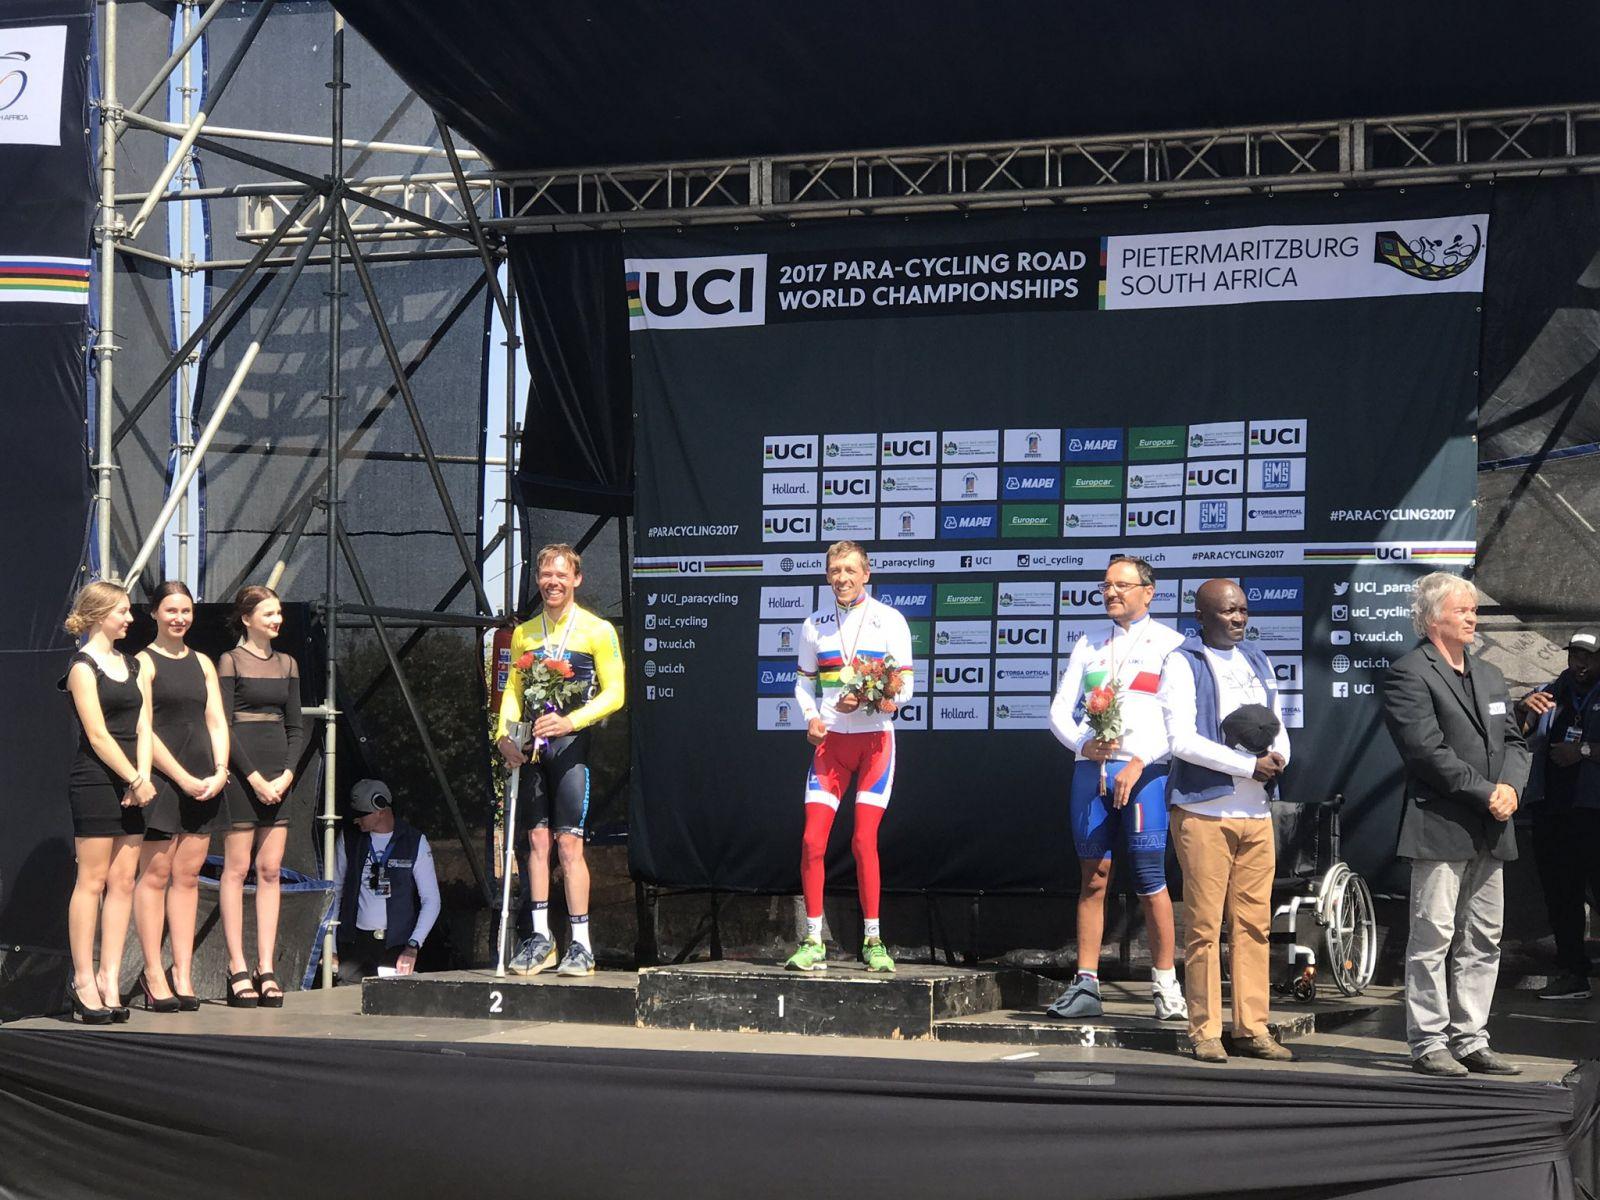 Спортсмены сборной команды России по велоспорту среди лиц с ПОДА завоевали золотую и серебряную медали в первый соревновательный  день чемпионата мира на шоссе в г. Питермарицбург (ЮАР)